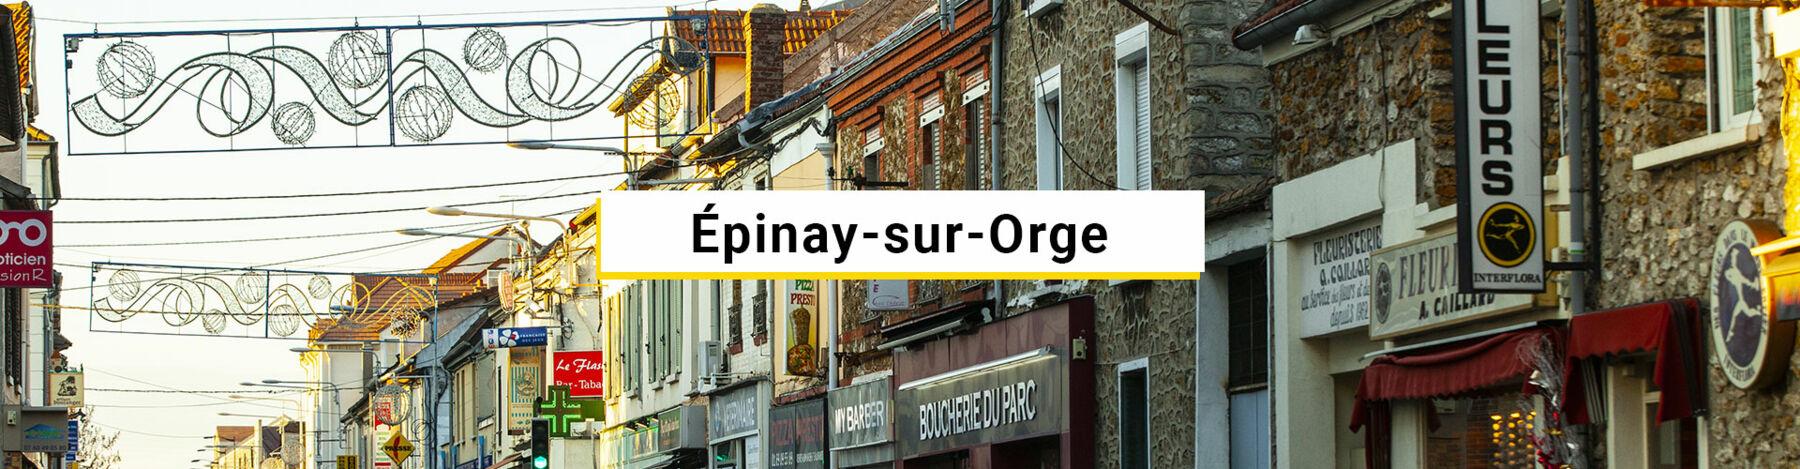 Épinay-Sur-Orge boutiques